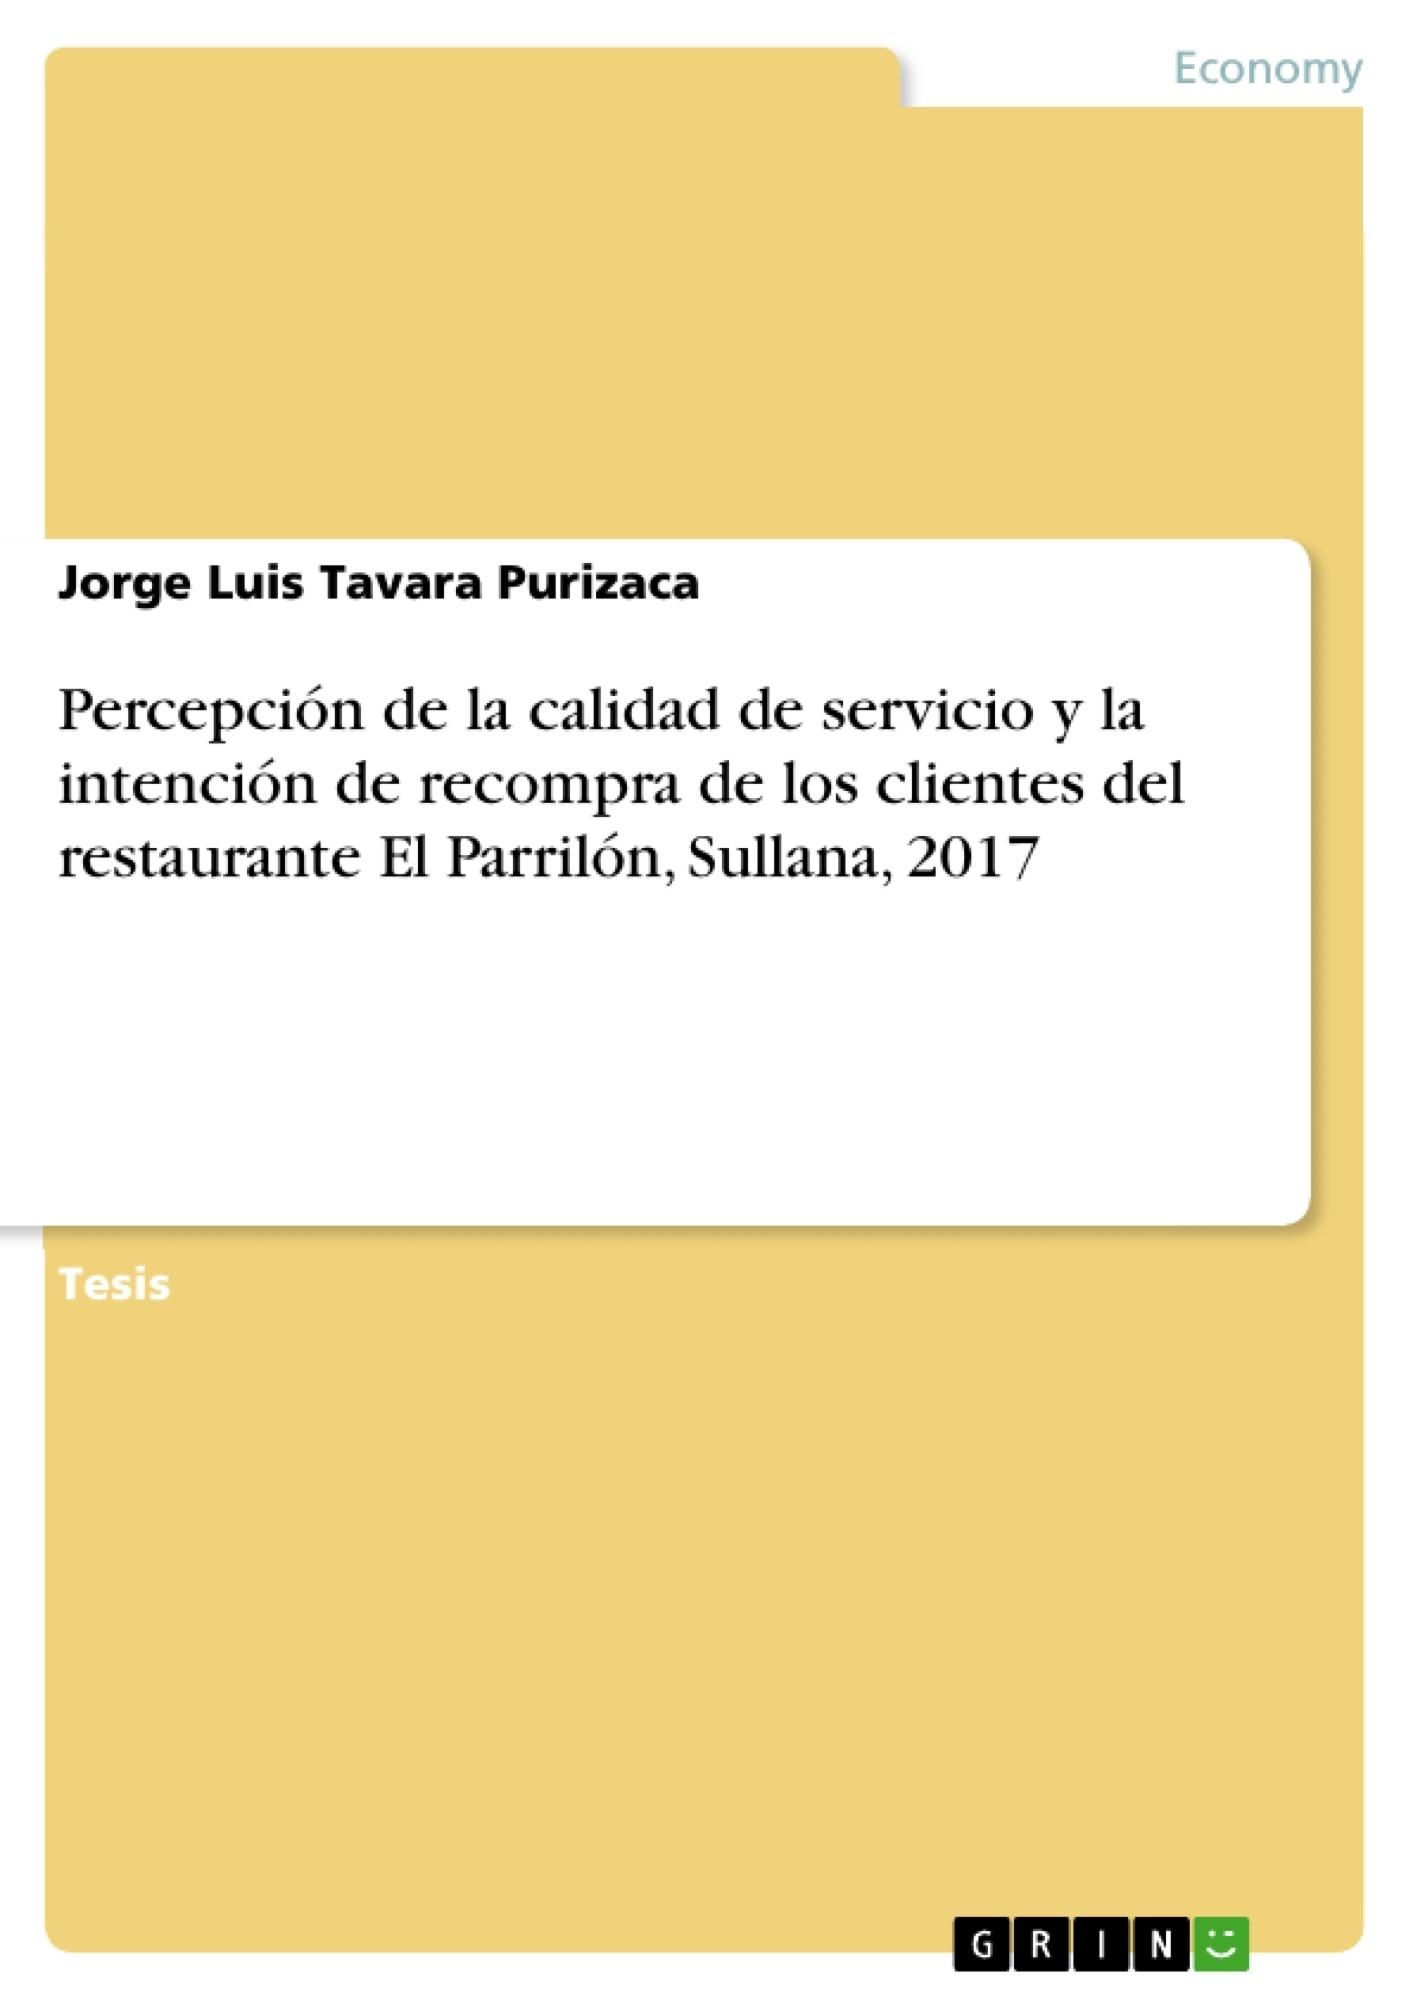 Título: Percepción de la calidad de servicio y la intención de recompra de los clientes del restaurante El Parrilón, Sullana, 2017